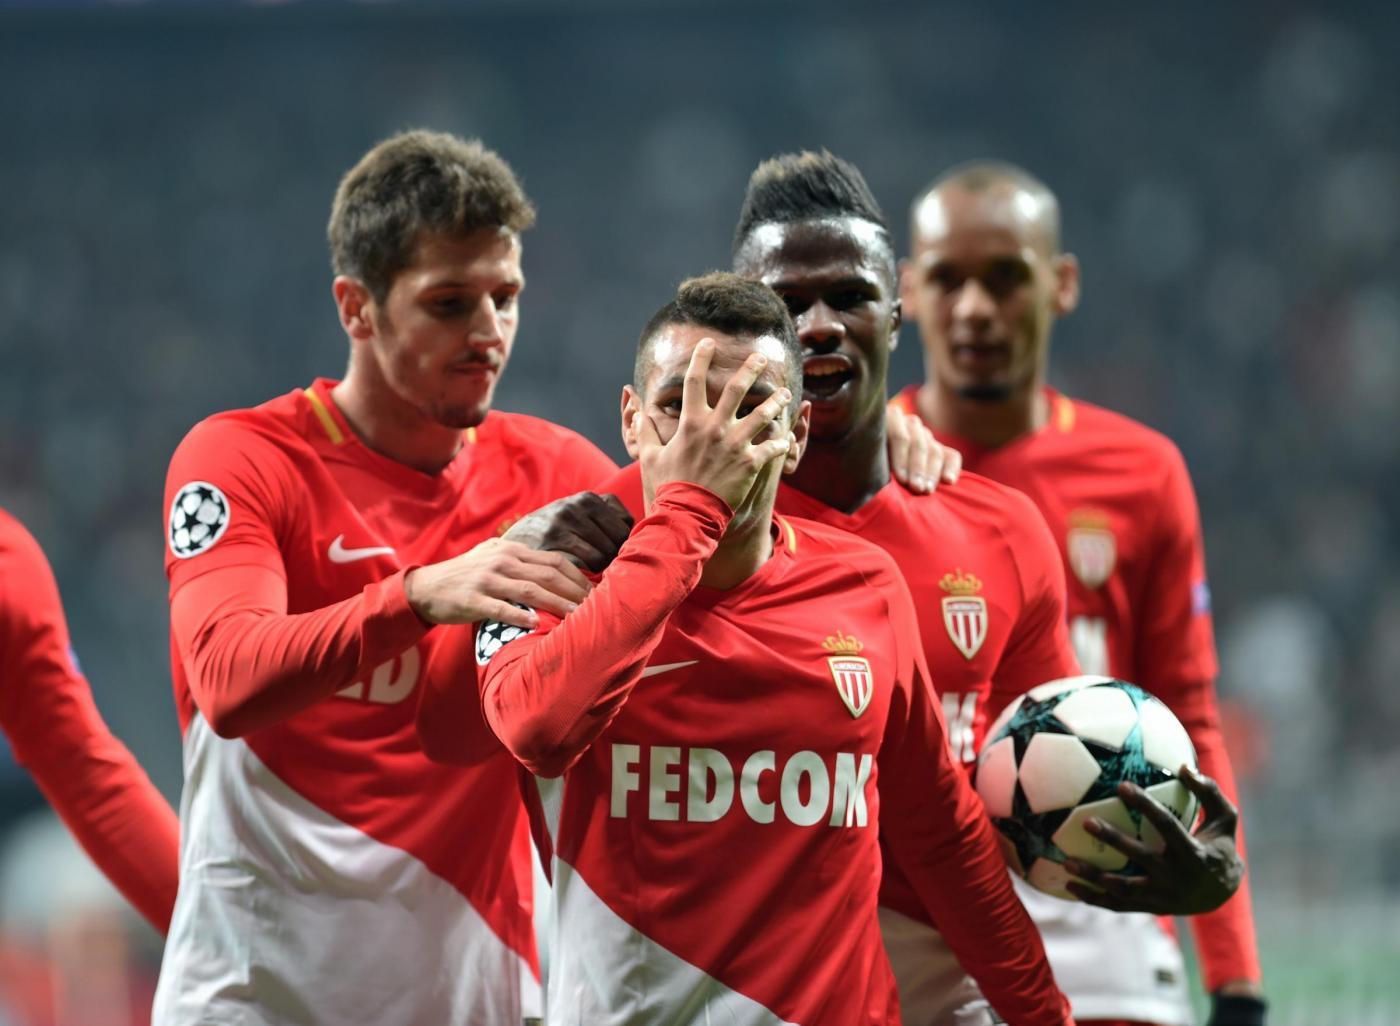 St.Etienne-Monaco 28 settembre: match dell'ottava giornata del campionato francese di calcio. I padroni di casa sono favoriti.